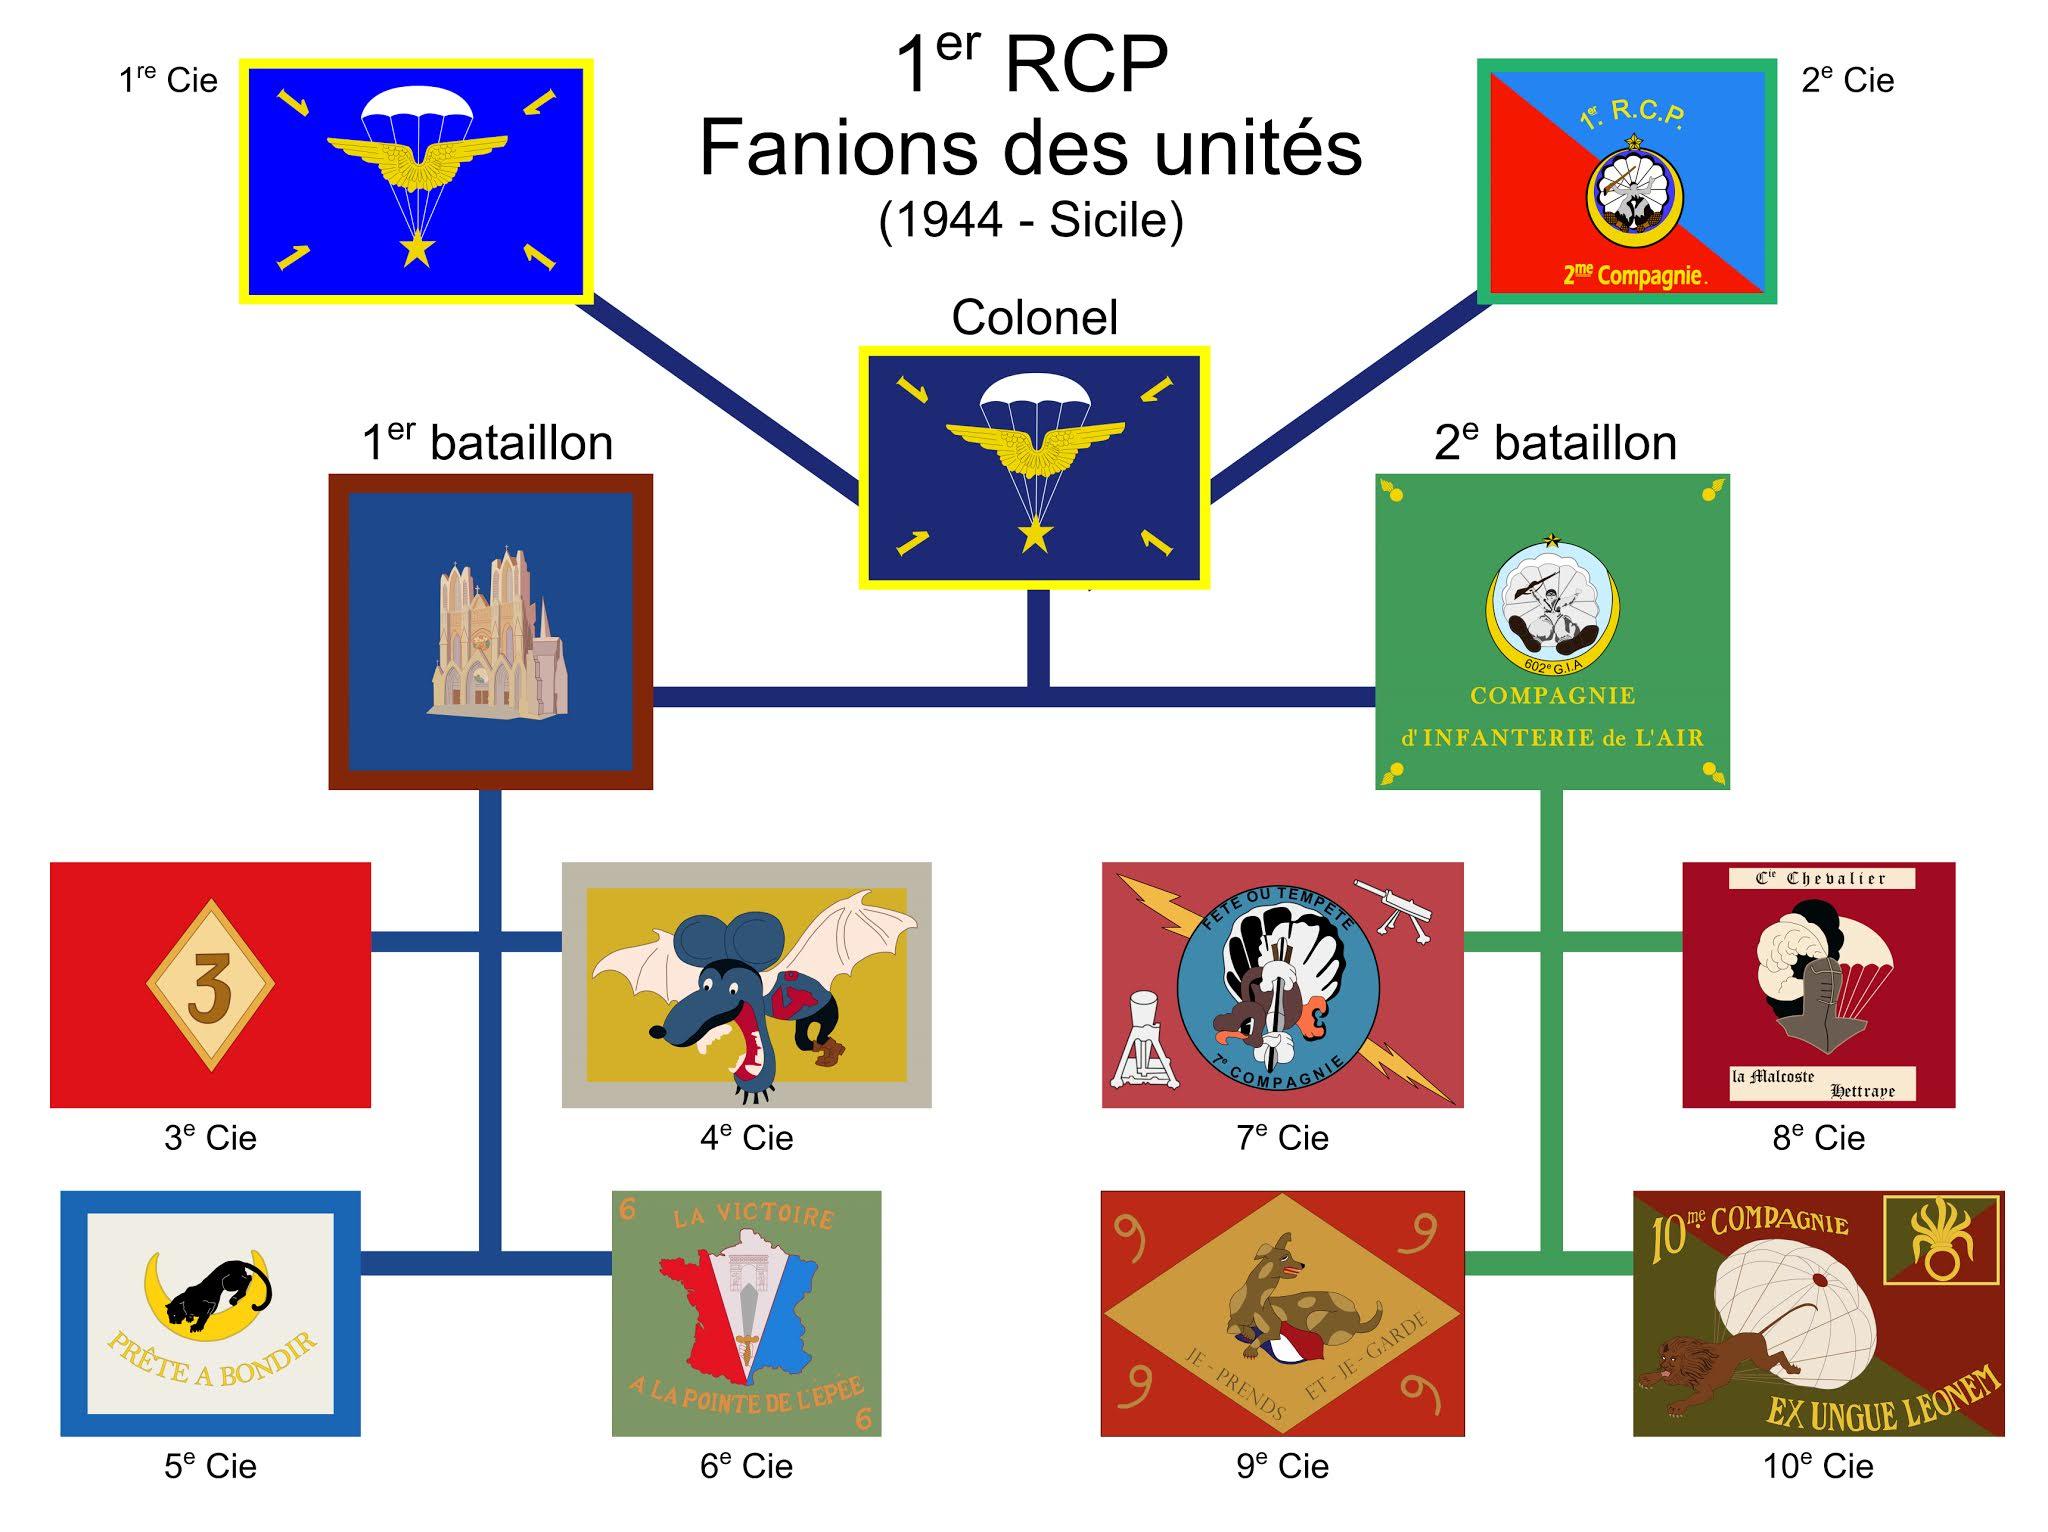 1er RCP - Fanions des compagnies. 1er%2BRCP%2BFanions%2BCicile